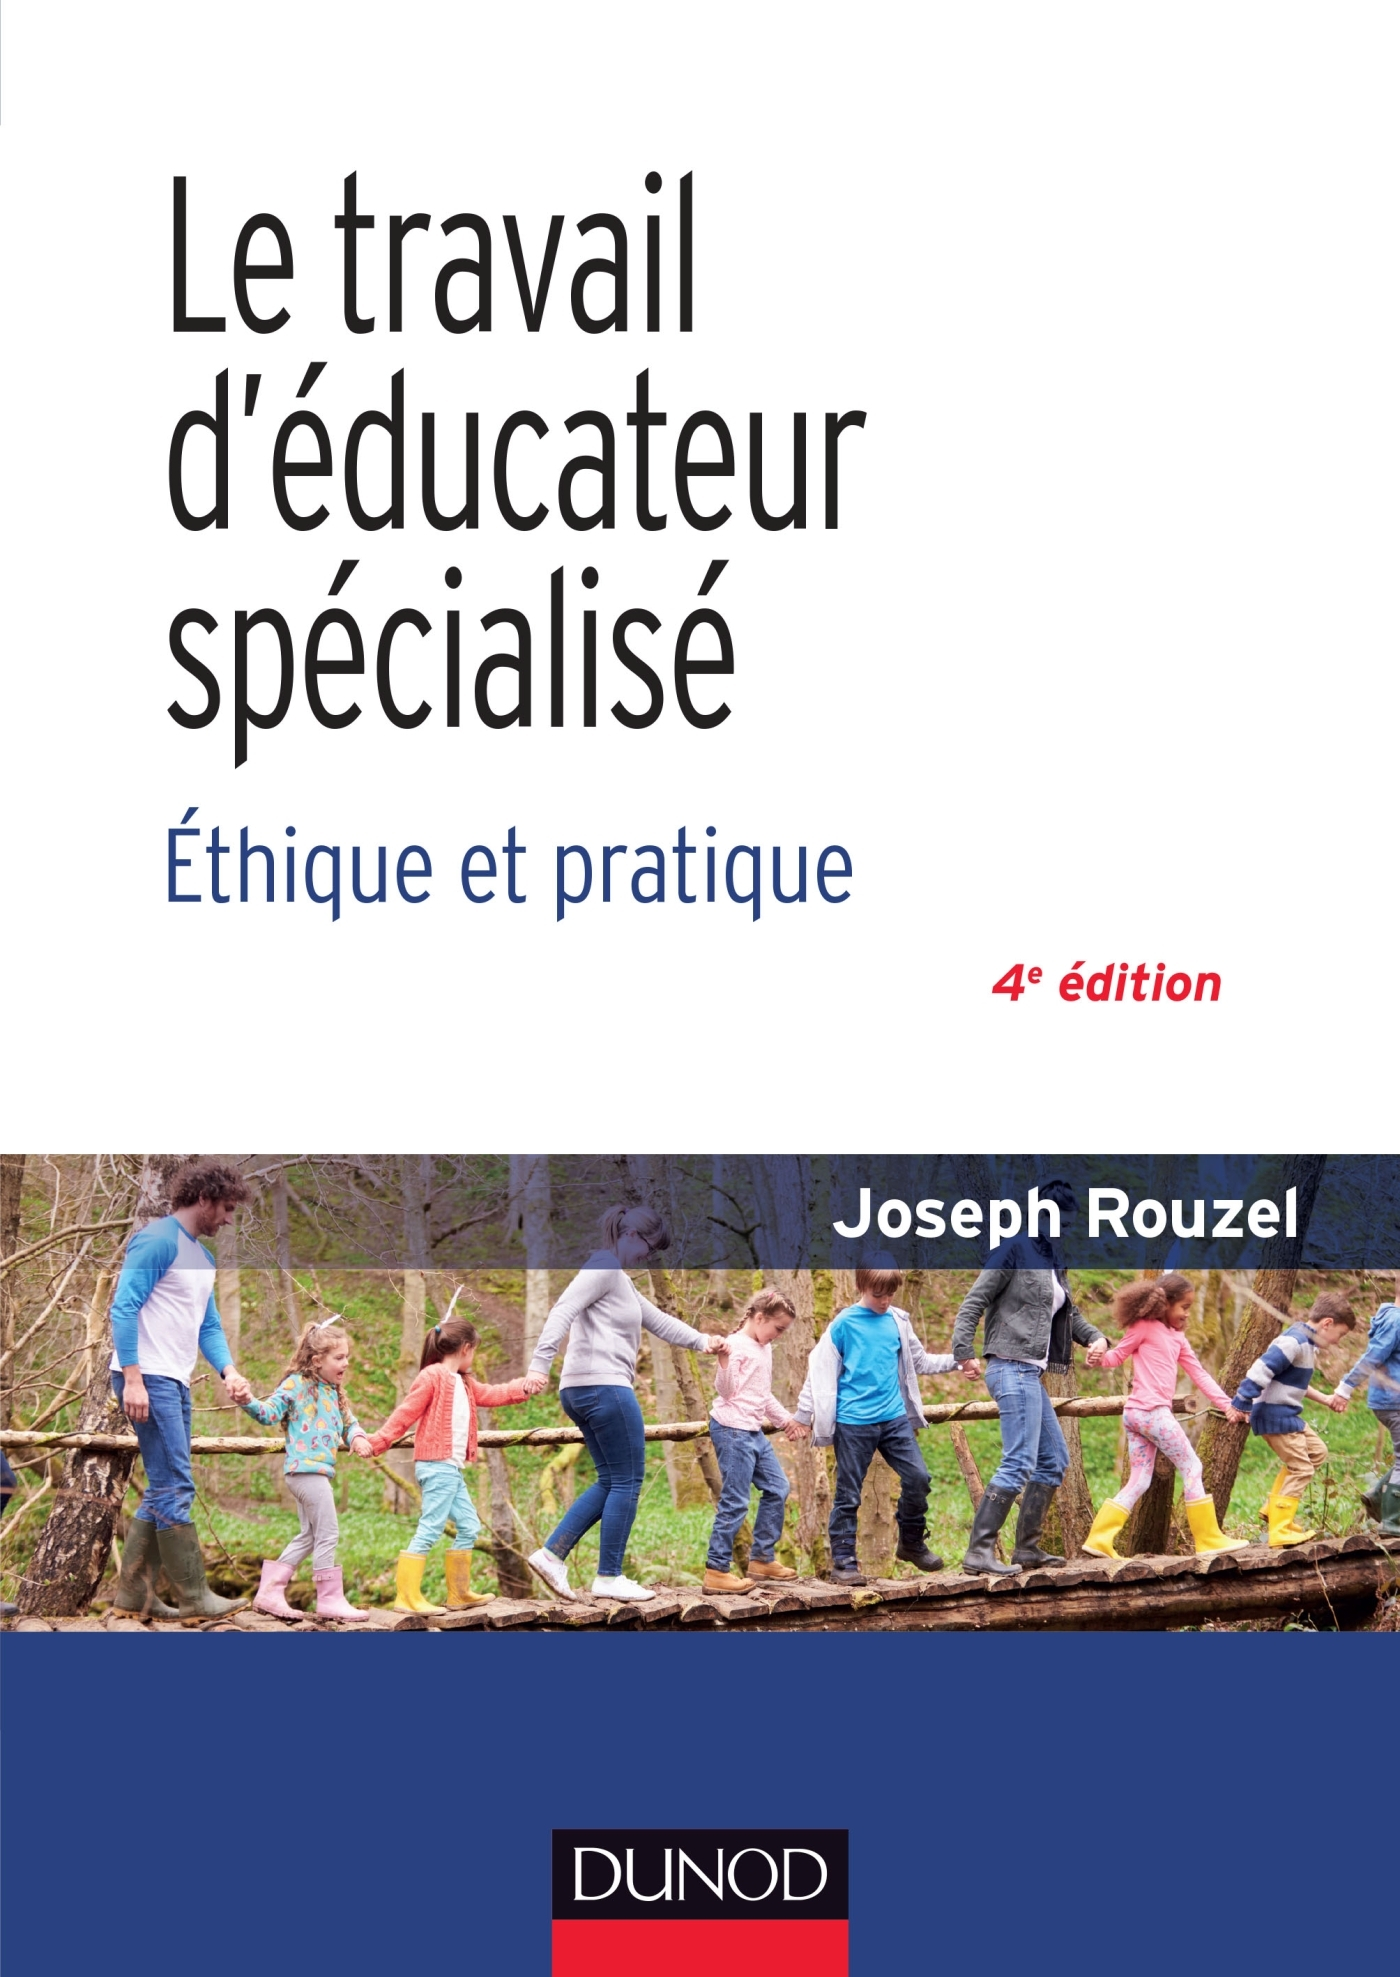 LE TRAVAIL D'EDUCATEUR SPECIALISE - 4E ED. - ETHIQUE ET PRATIQUE